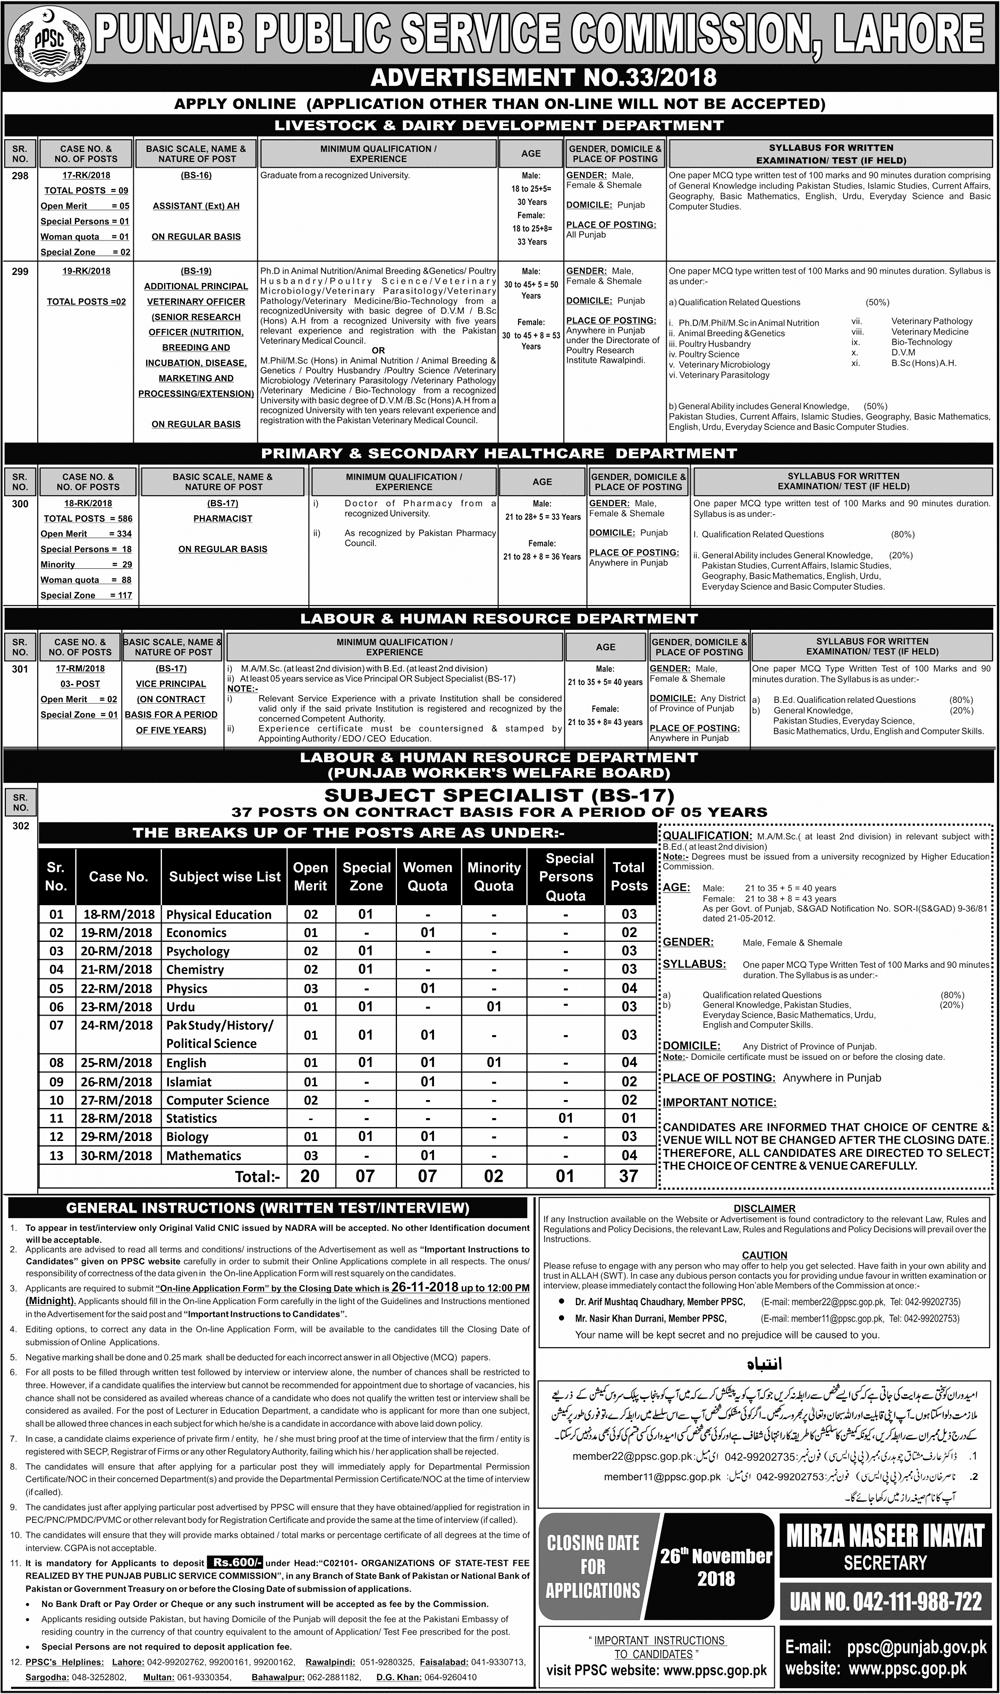 PPSC Pharmacist Jobs 2018 Application Form